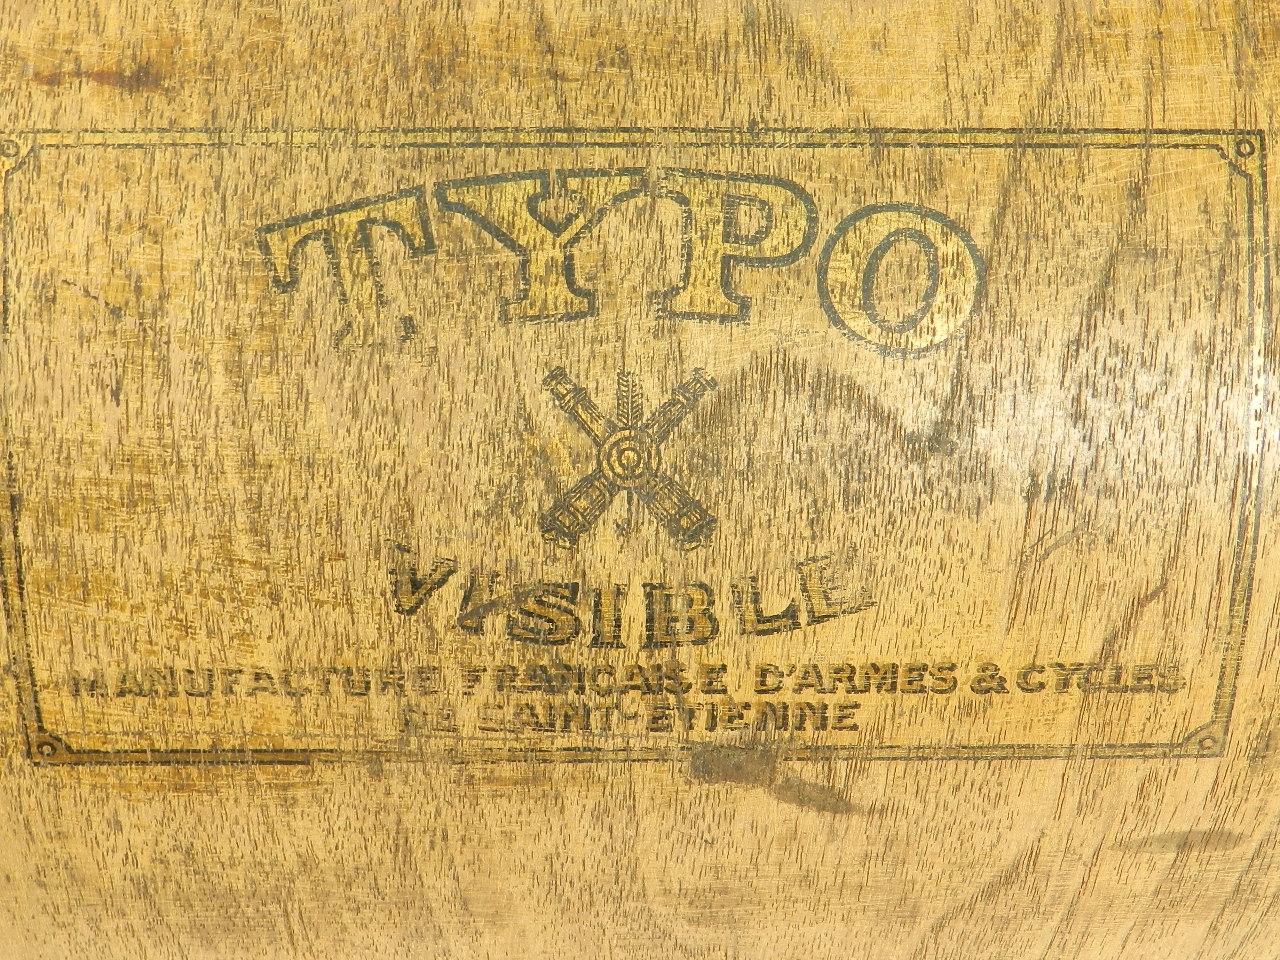 Imagen TYPO  AÑO 1915 + Caja de madera 27698